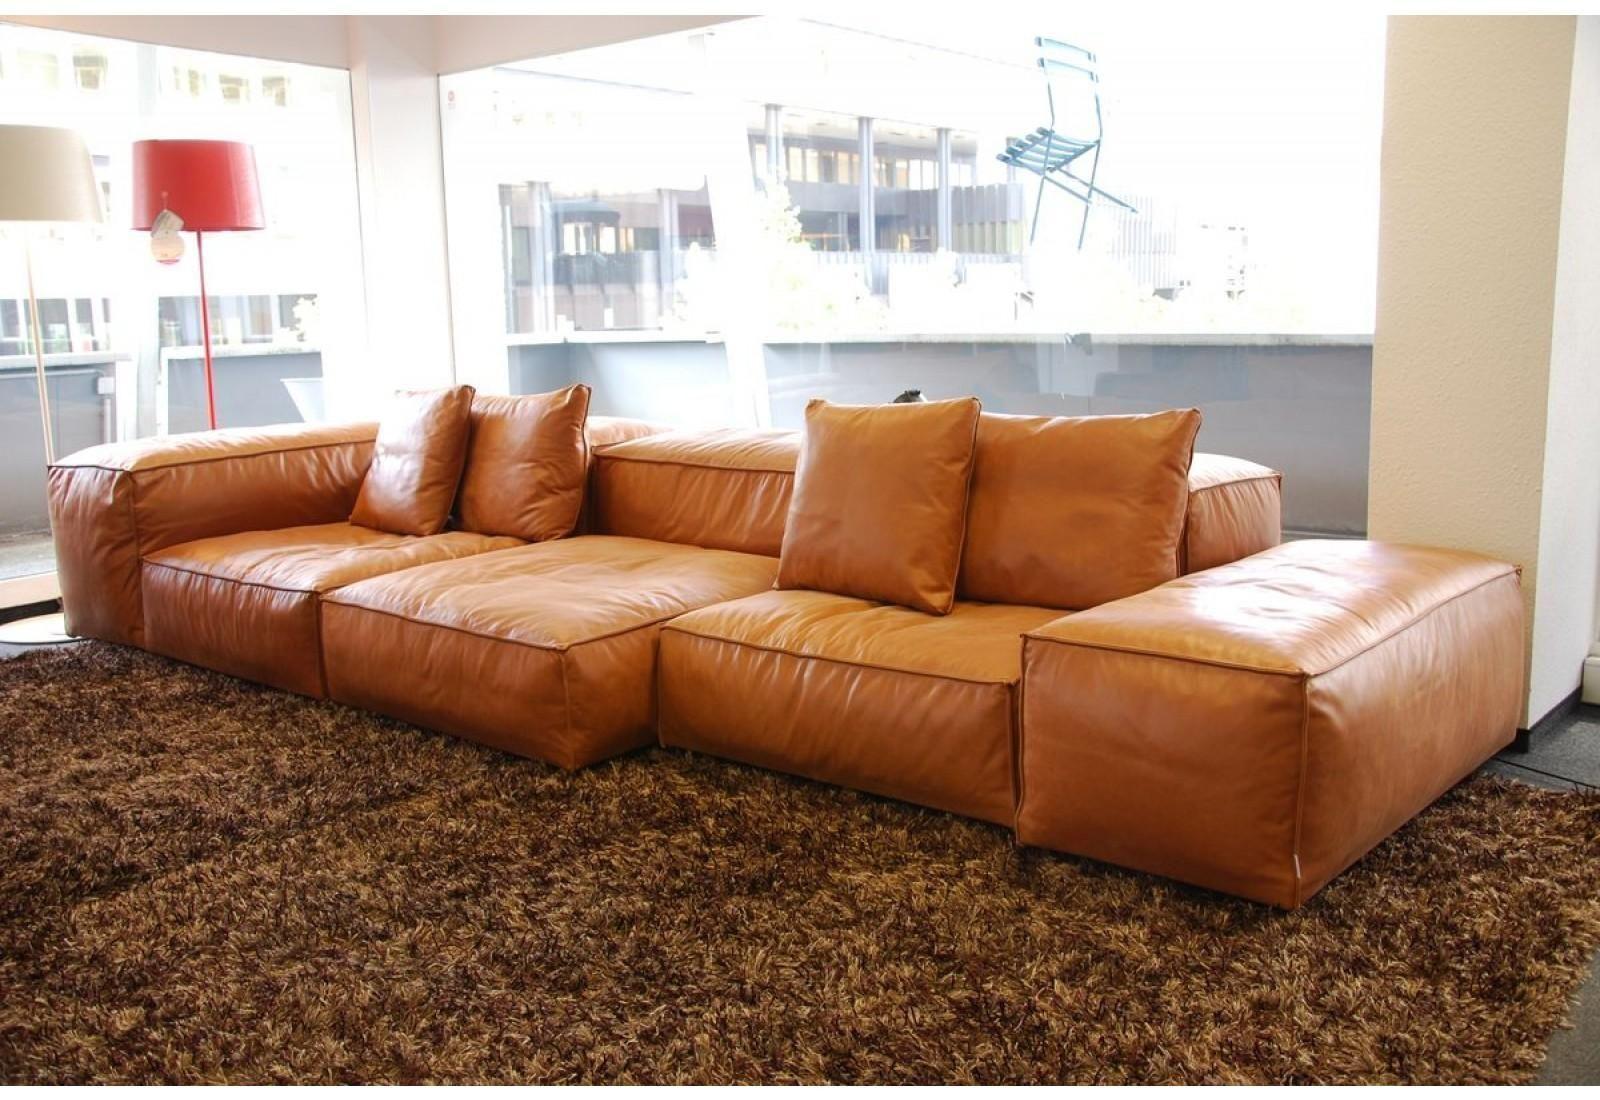 Ideen Von Soft Sectional Sofas Kommode Der Stil Sollte Einfluss